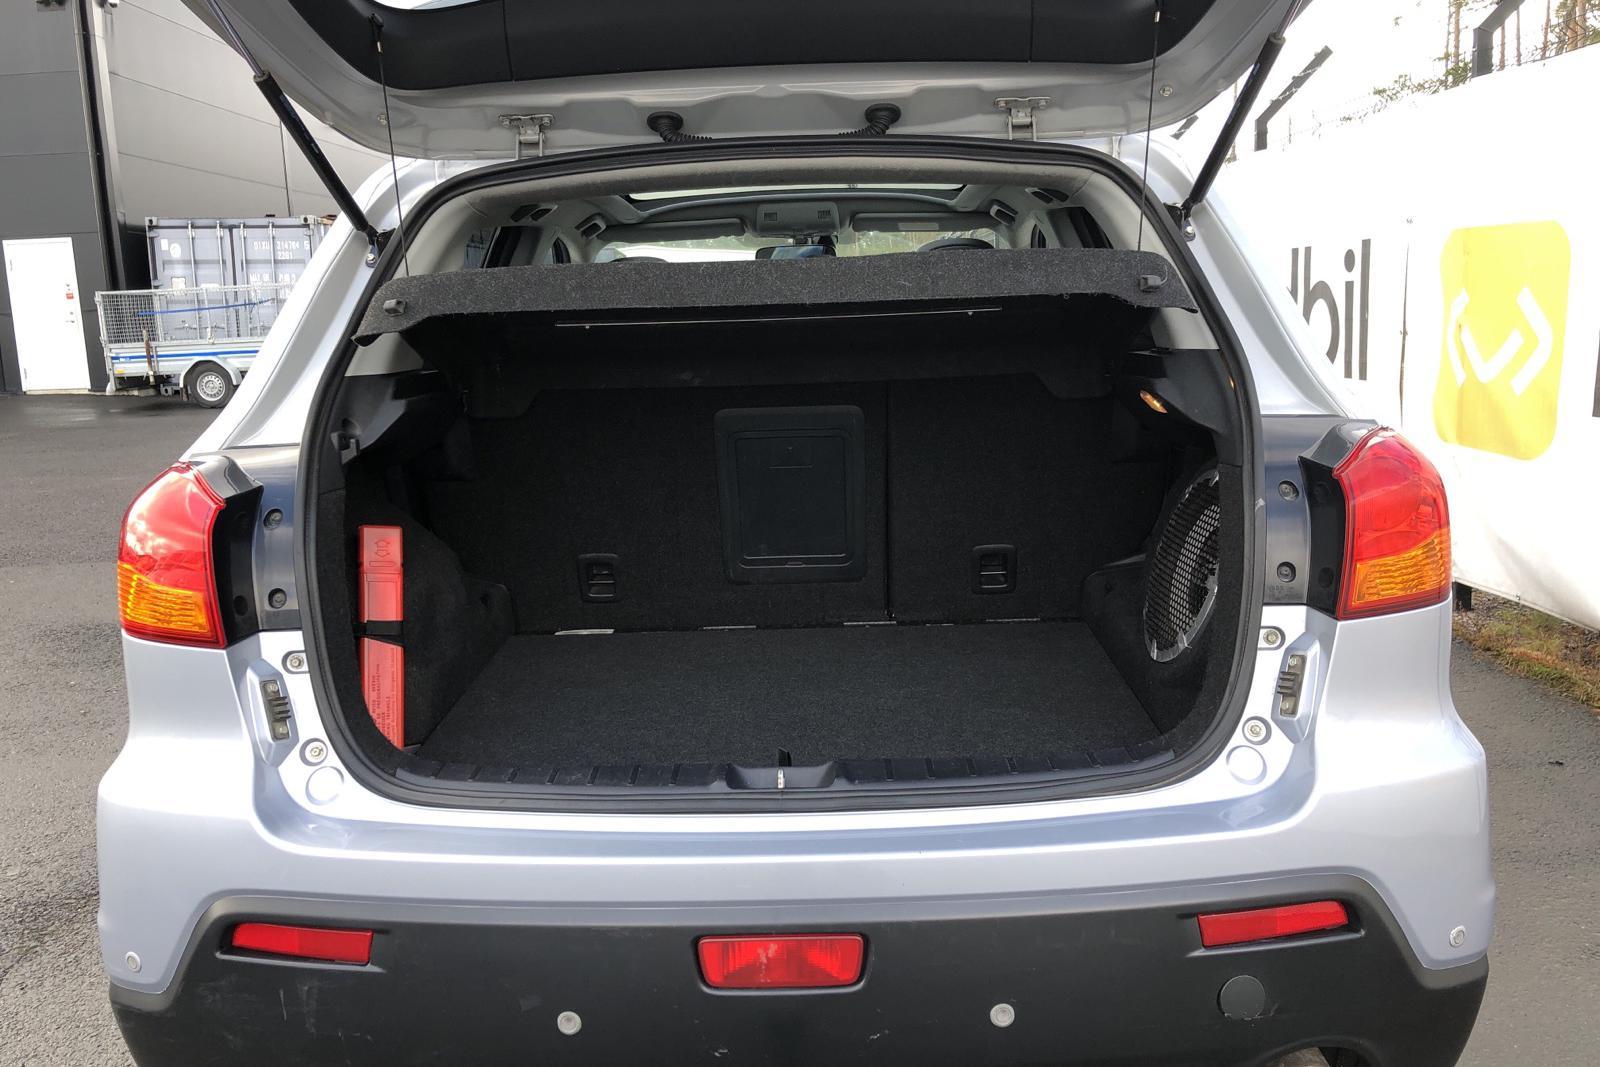 Mitsubishi ASX 1.8 D 4WD (150hk) - 174 690 km - Manual - silver - 2011